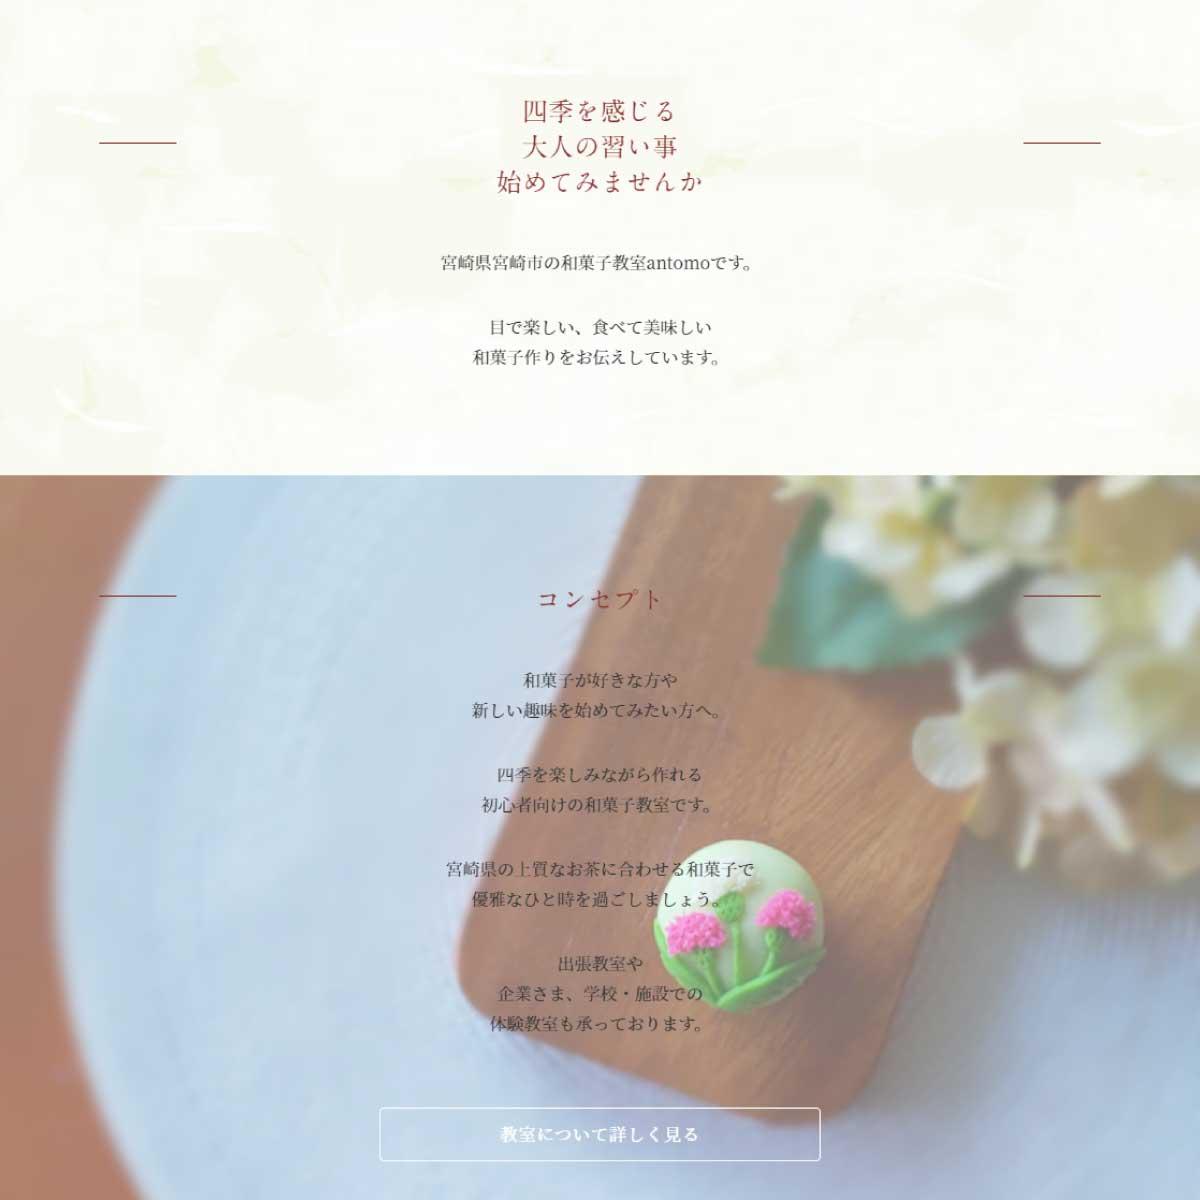 和菓子教室antomo(アントモ)様トップページ